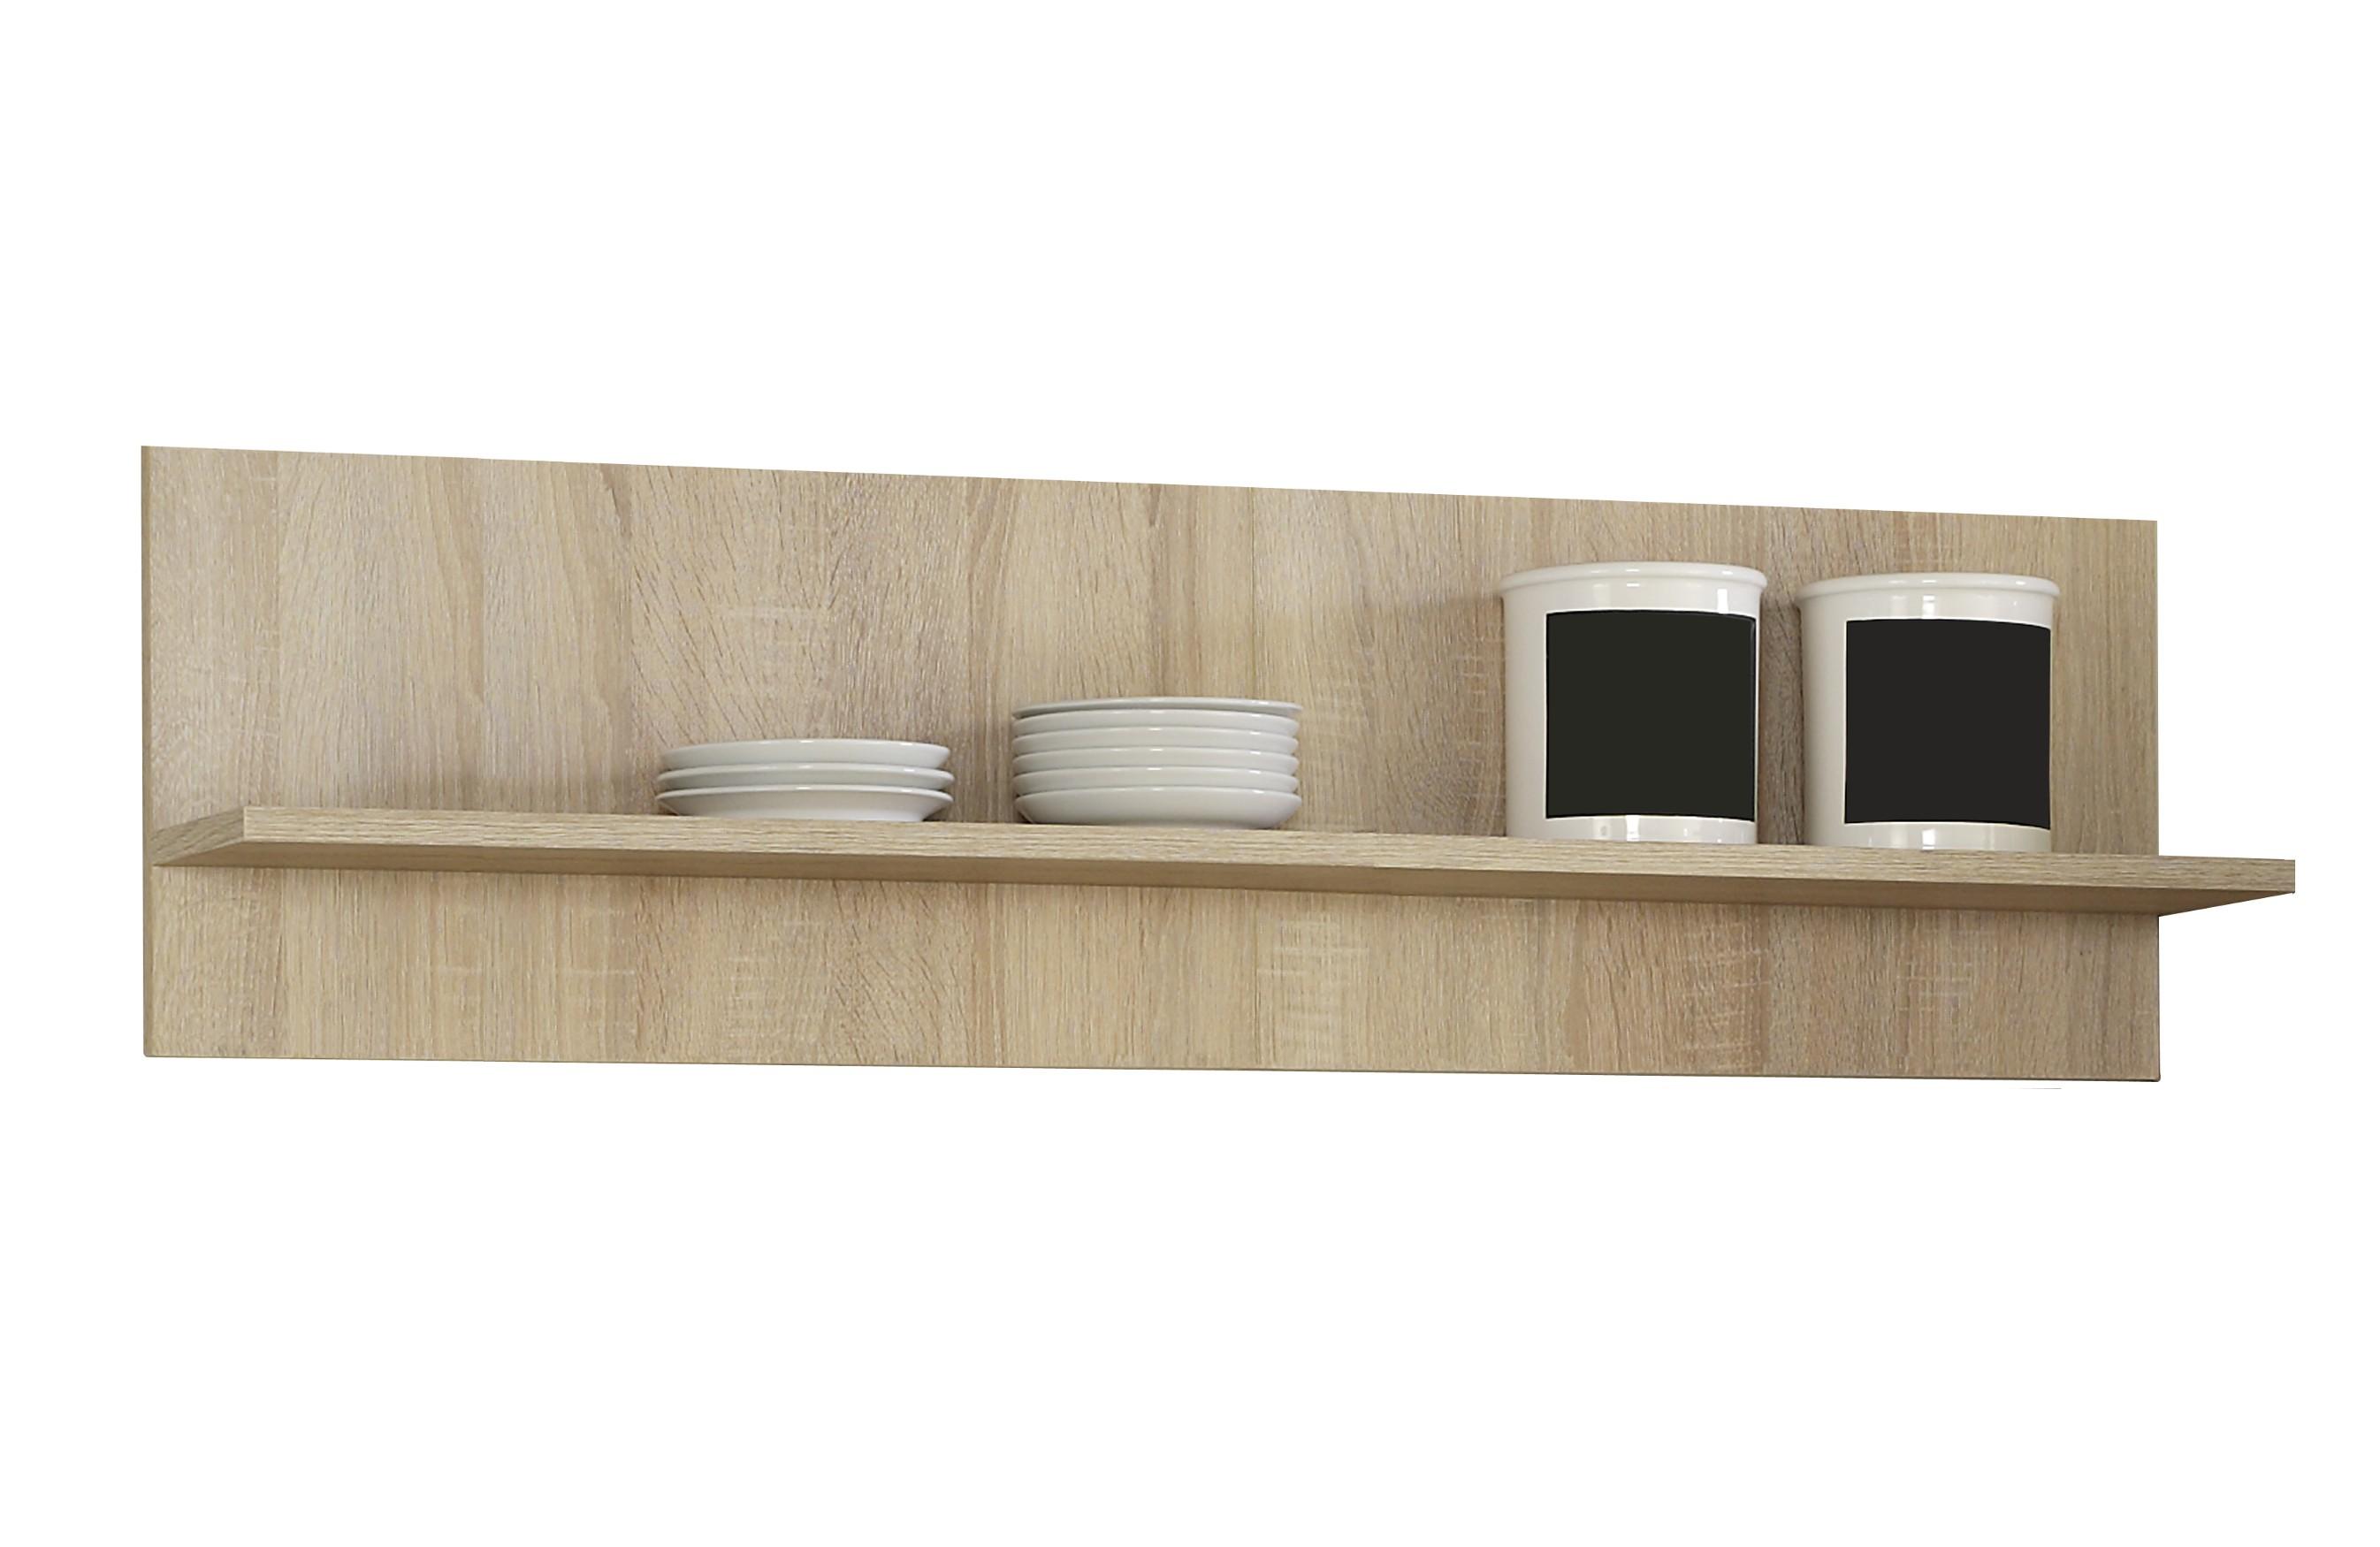 Küchen-Wandregal - 1 Ablagefläche - 110 cm breit - Eiche Sonoma ...